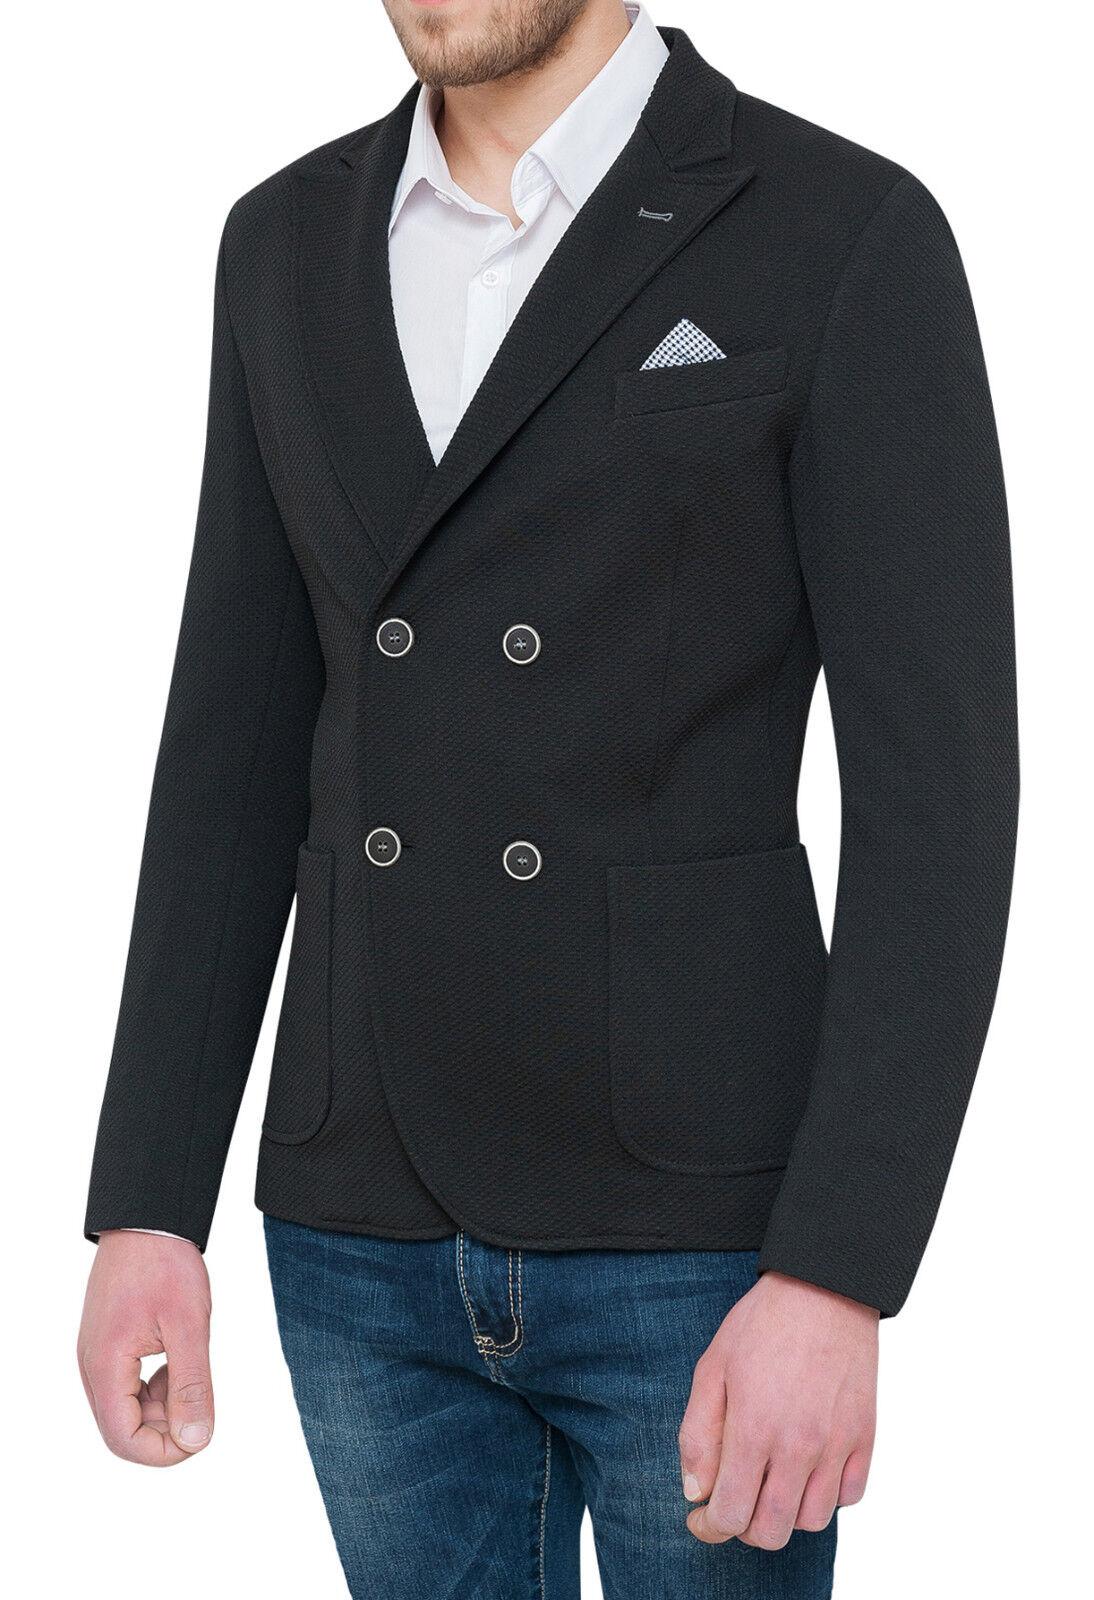 Jacke Blazer Schwarz Herren Zweireihig Neu Elegant Casual Formal aus Baumwolle